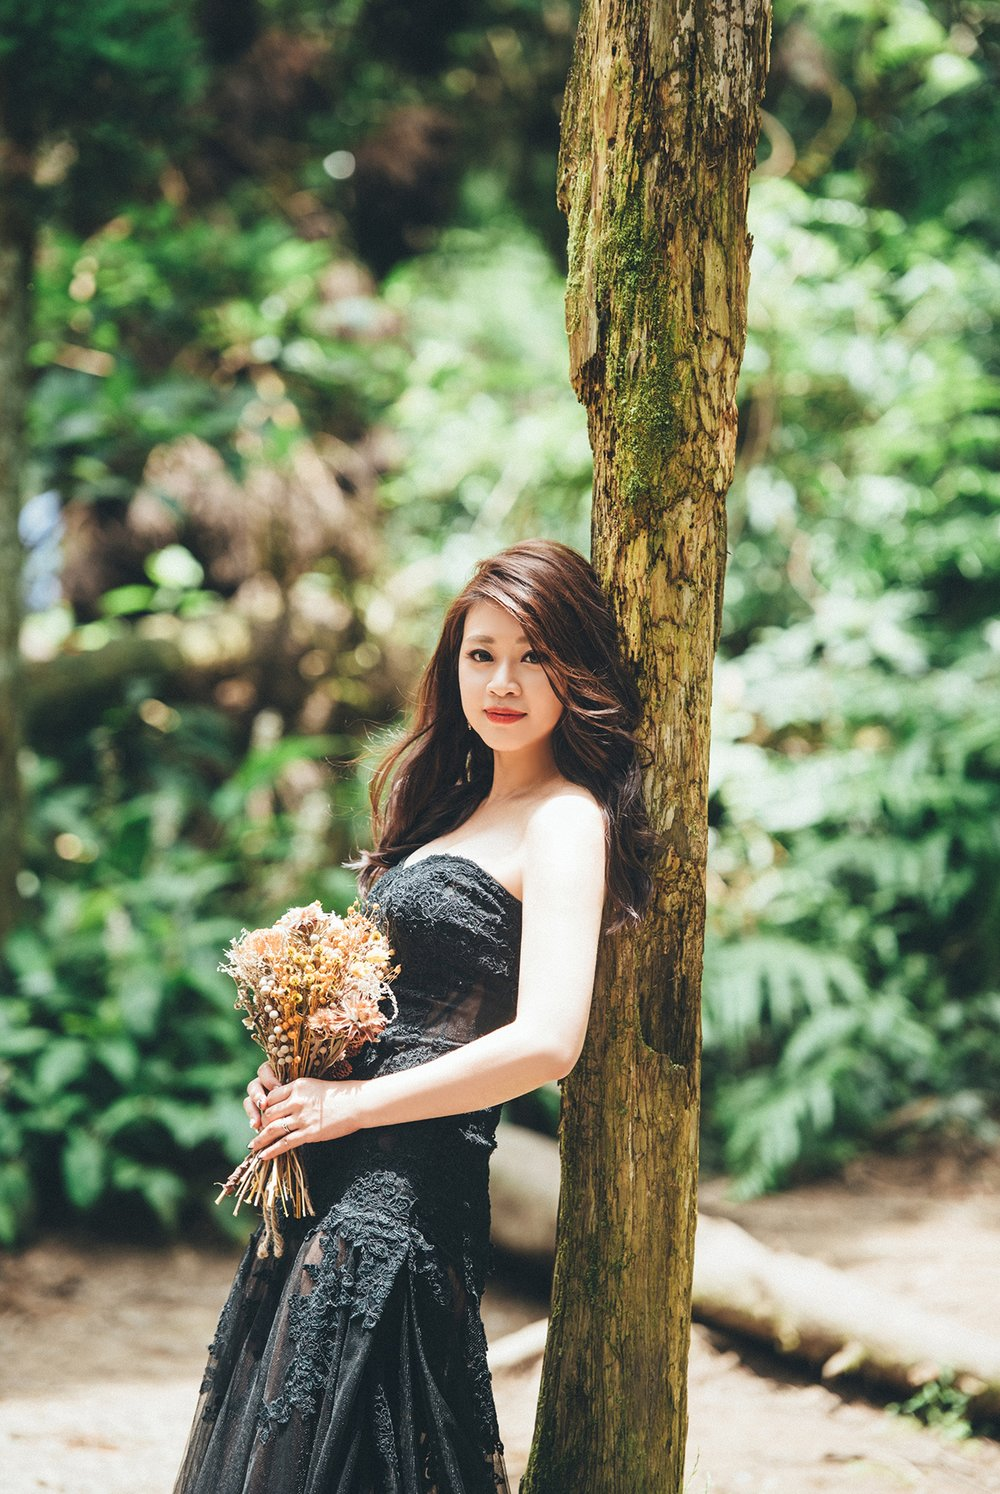 黑色禮服在黑森林中多了種神祕的氣質,家中長輩如果不忌諱的新人其實可以試試看黑禮服,修身效果其實很好唷!